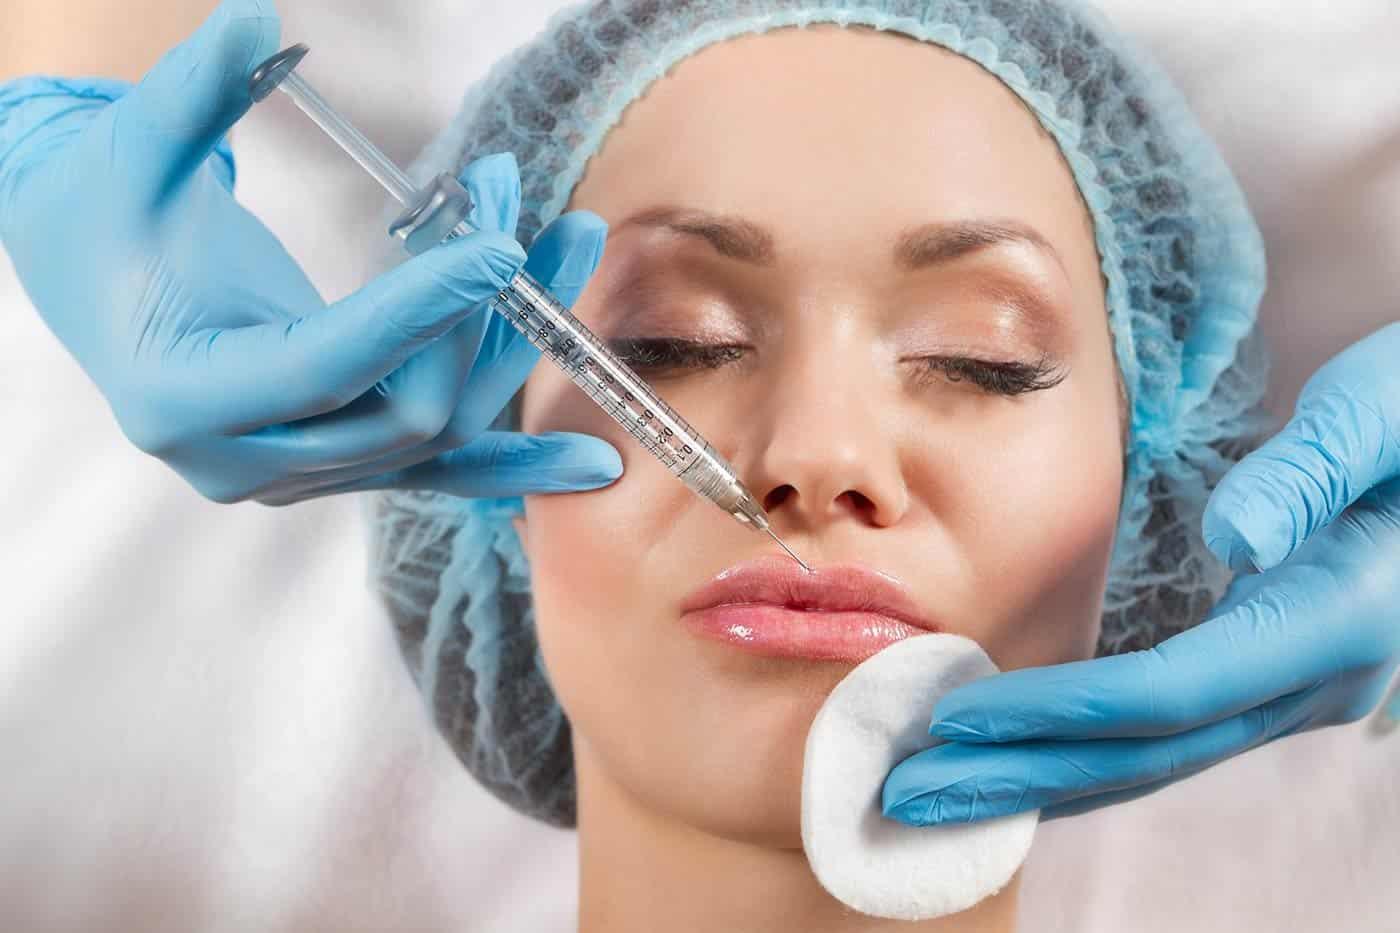 Povećanje usana hijaluronom cijena